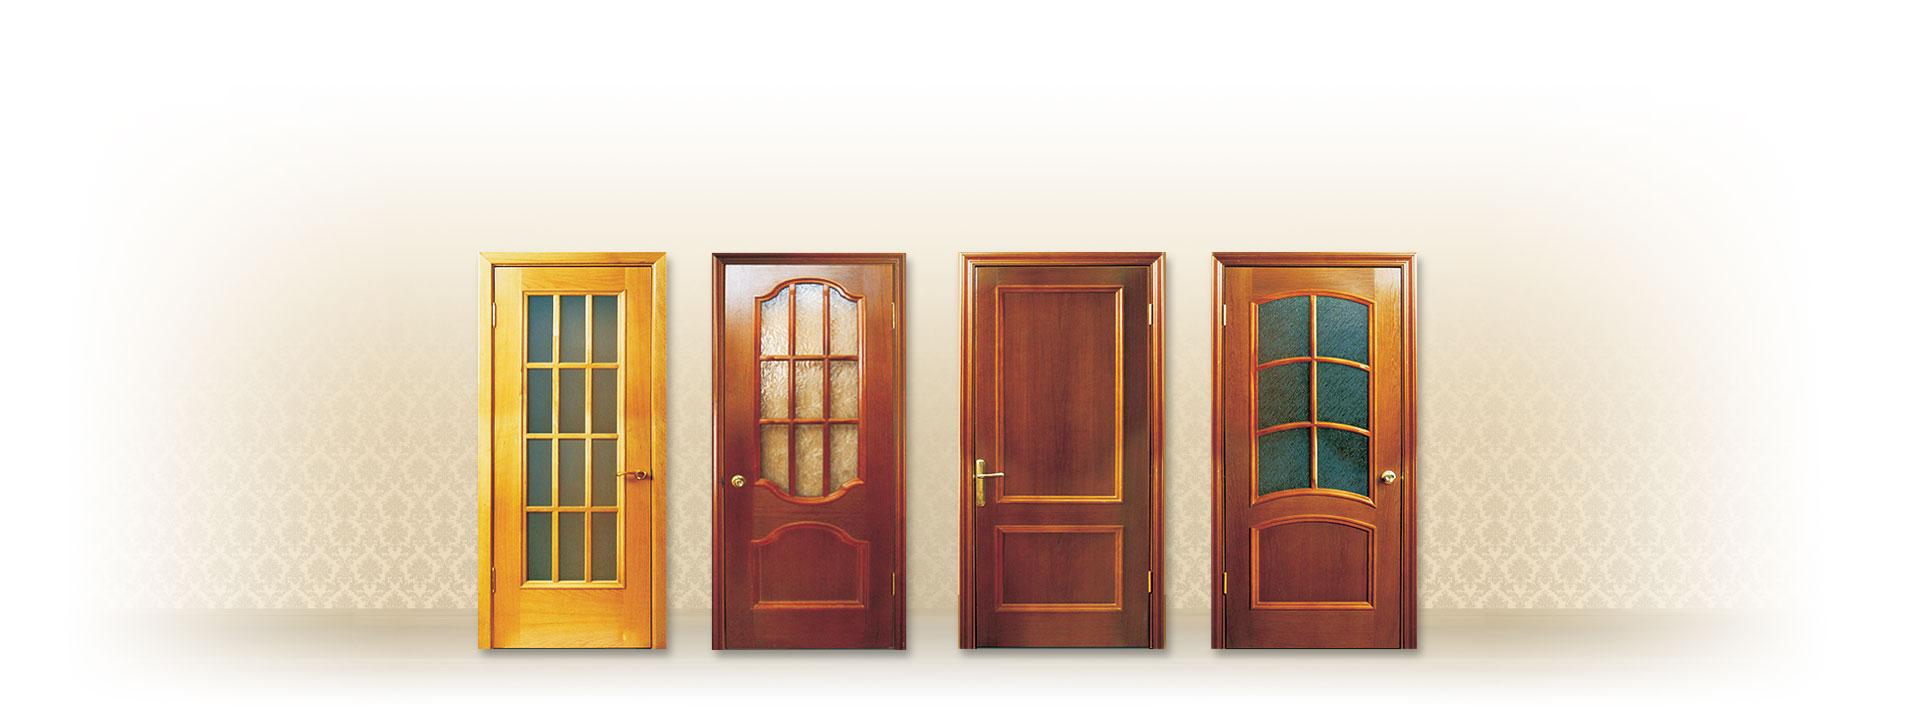 врачи выписывали двери окна картинки фото вместе